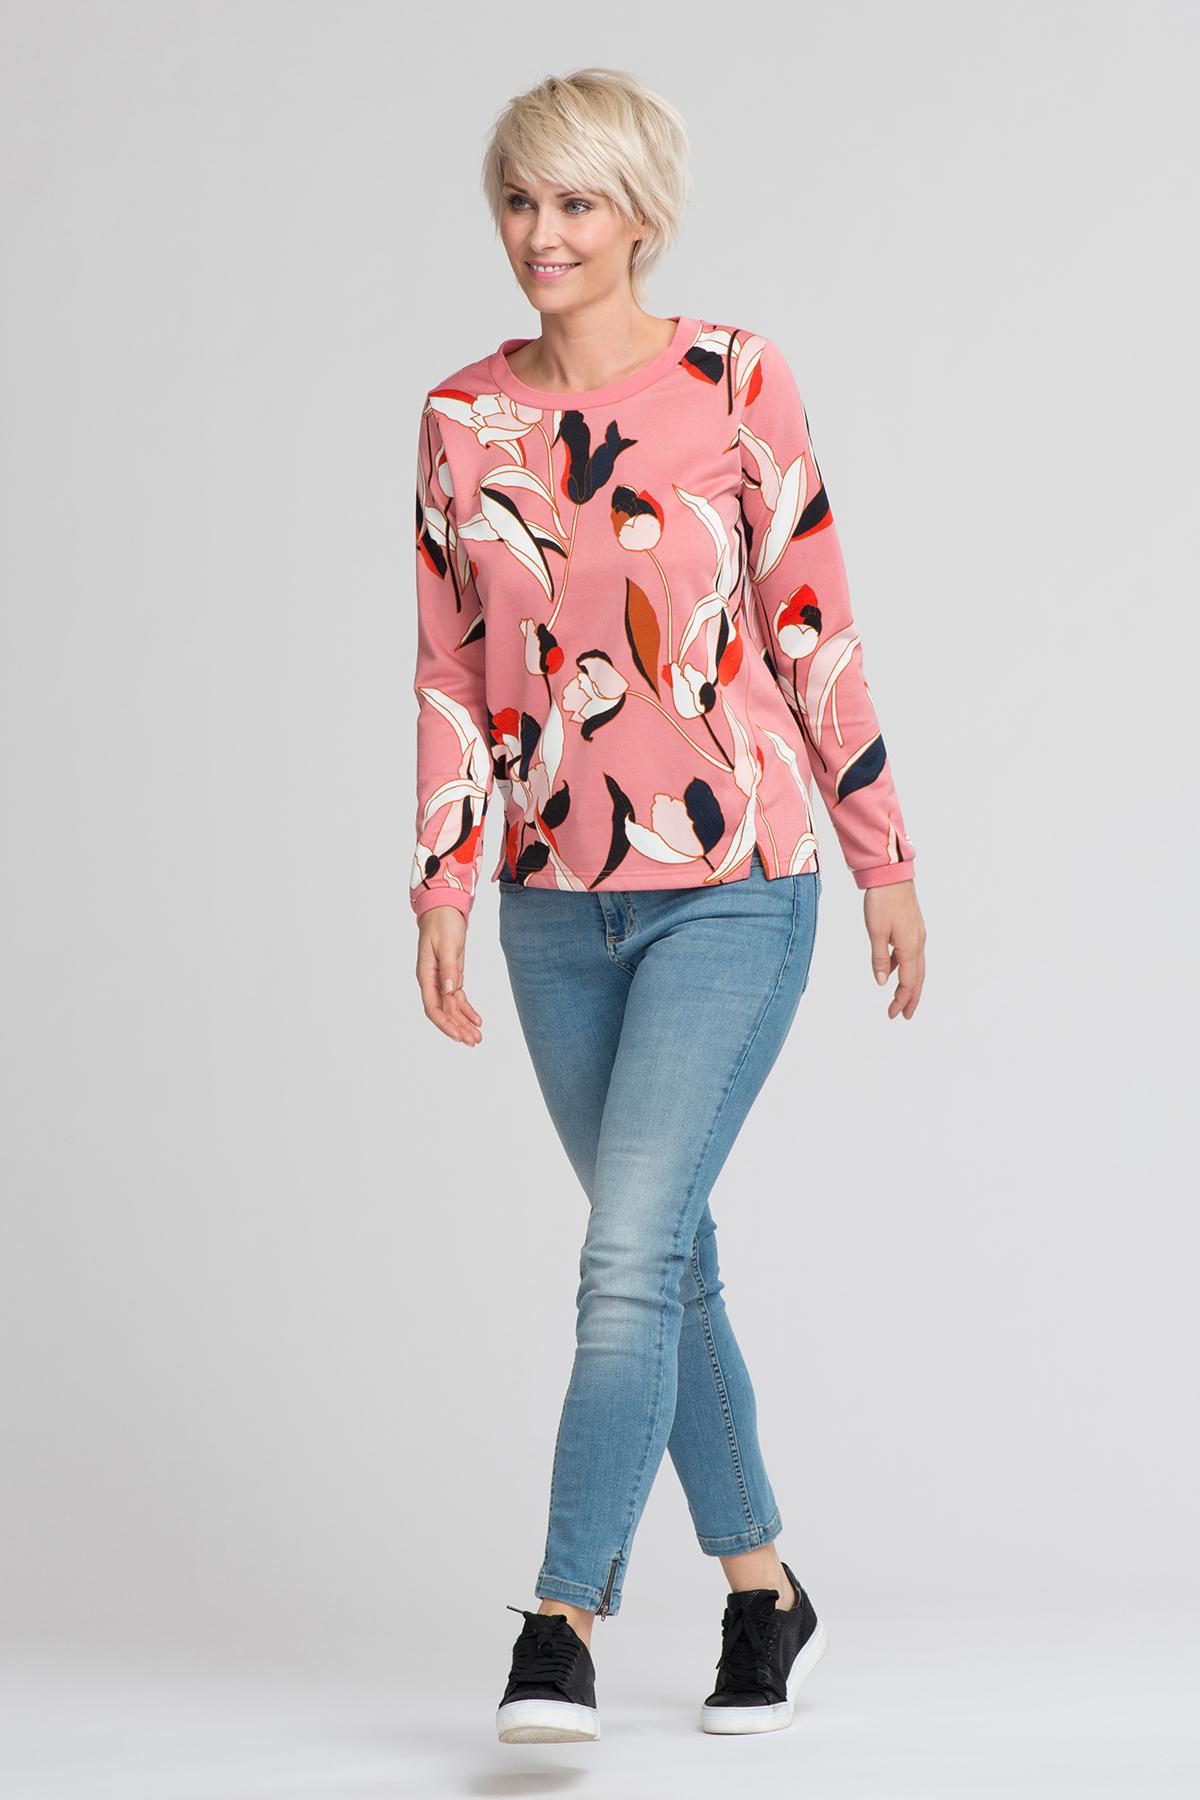 Rosa/marineblau